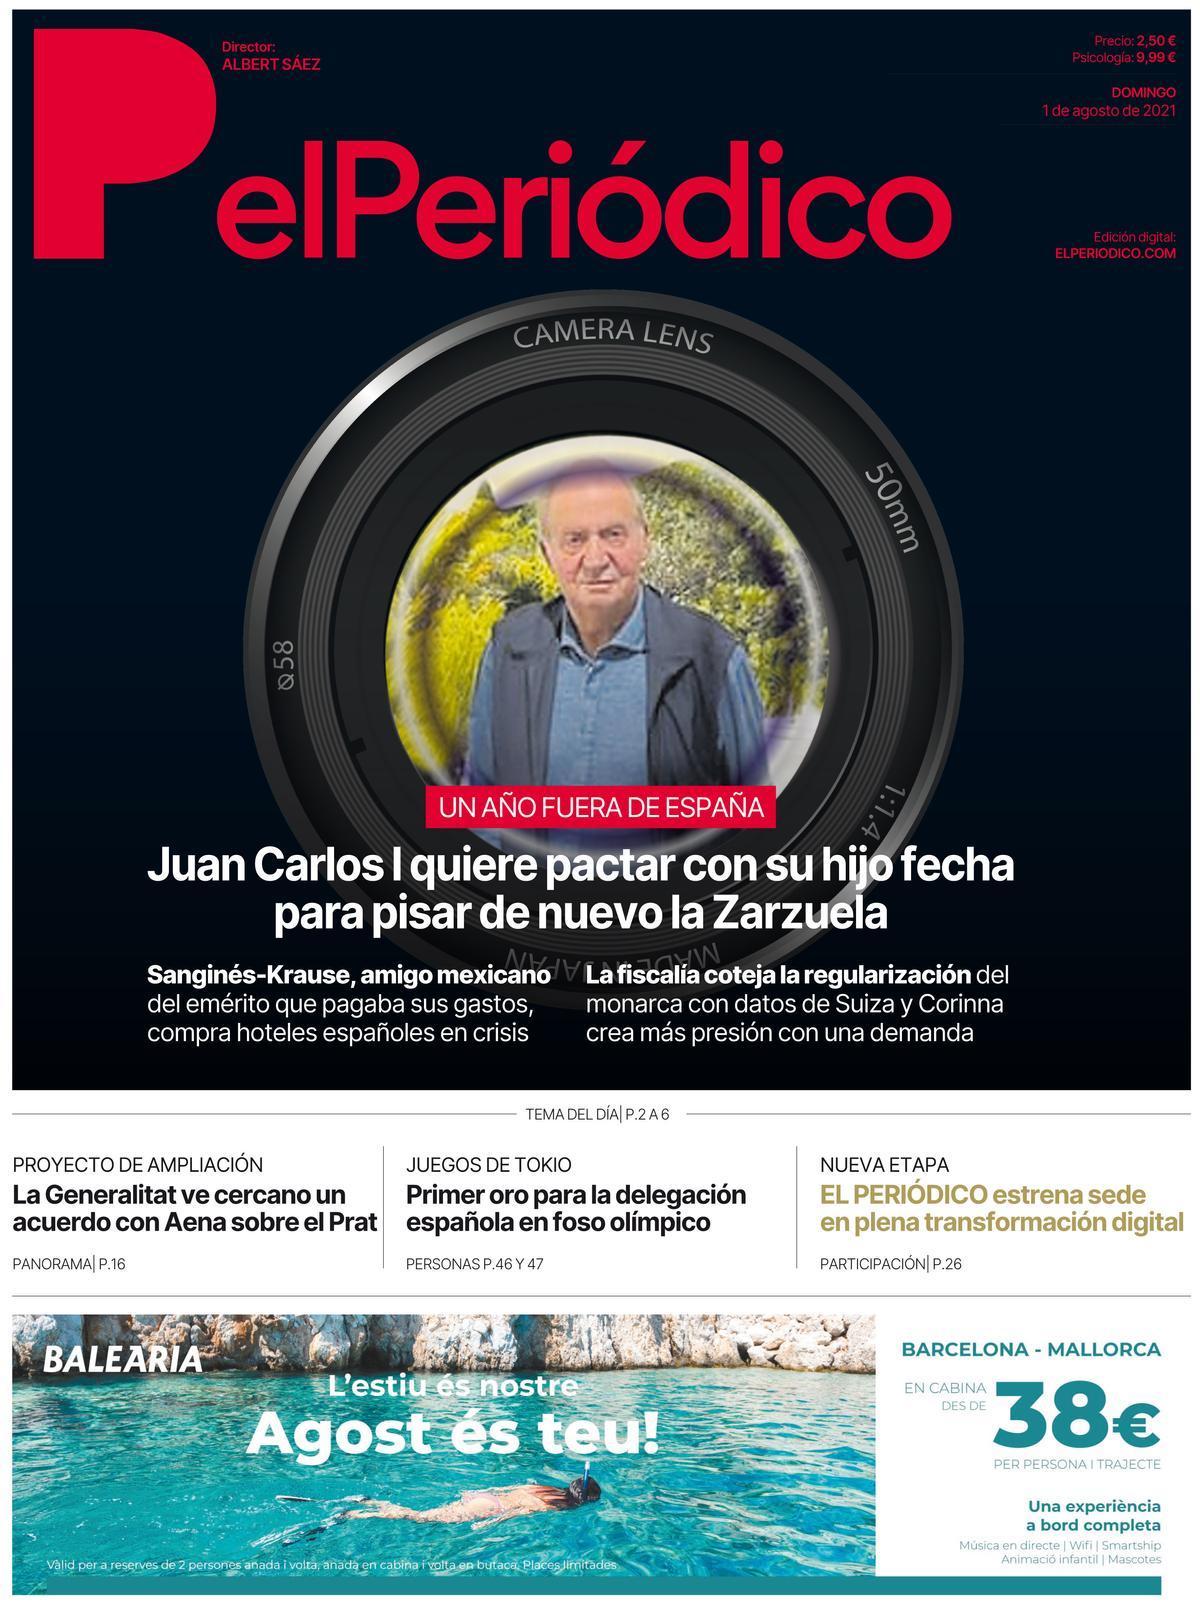 La portada de EL PERIÓDICO del 1 de agosto de 2021.